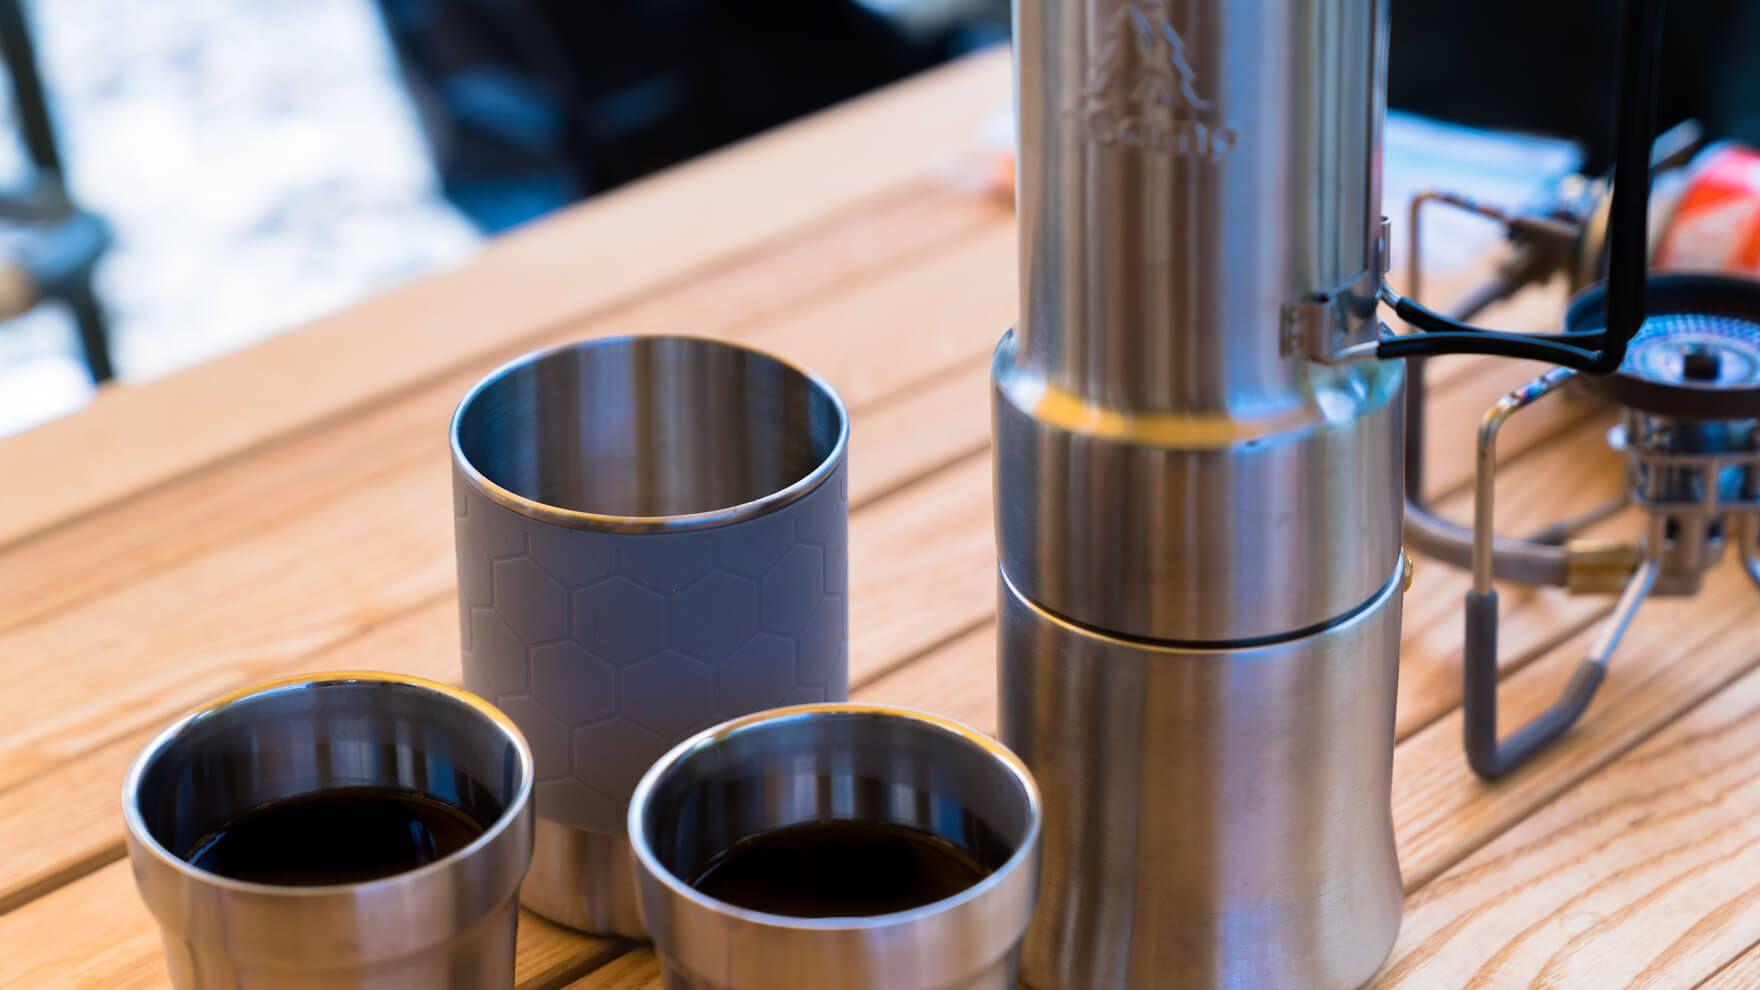 アウトドアで気軽にエスプレッソが愉しめる直火式エスプレッソメーカー Ncamp コーヒーシェアセット でキャンプはアガるし おうちキャンプも捗った 2020 アウトドア エスプレッソ セット